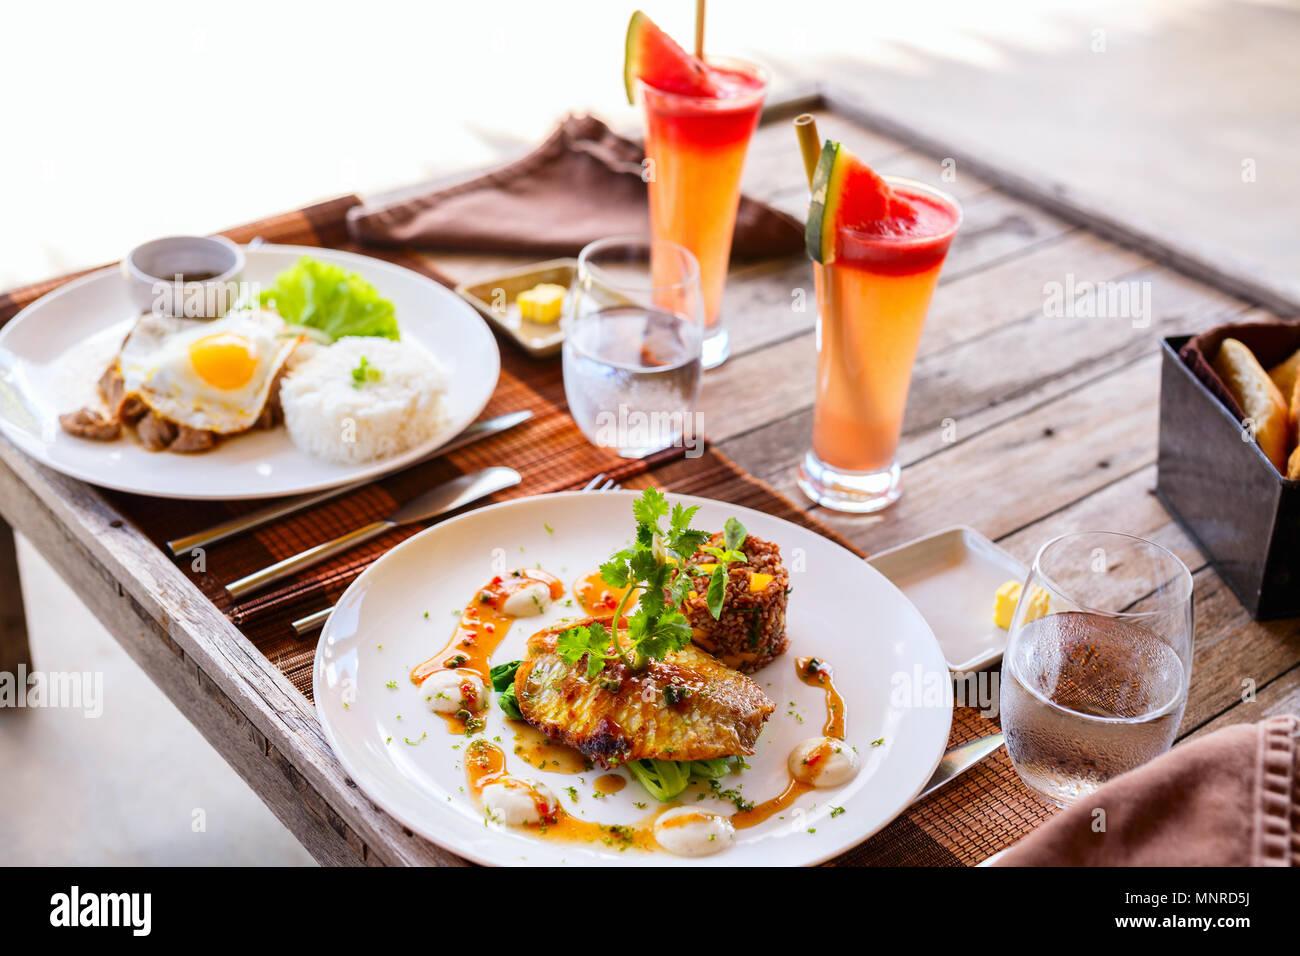 Delizioso pranzo per due nel ristorante di pesce, riso, uova fritte e verdura verde Immagini Stock